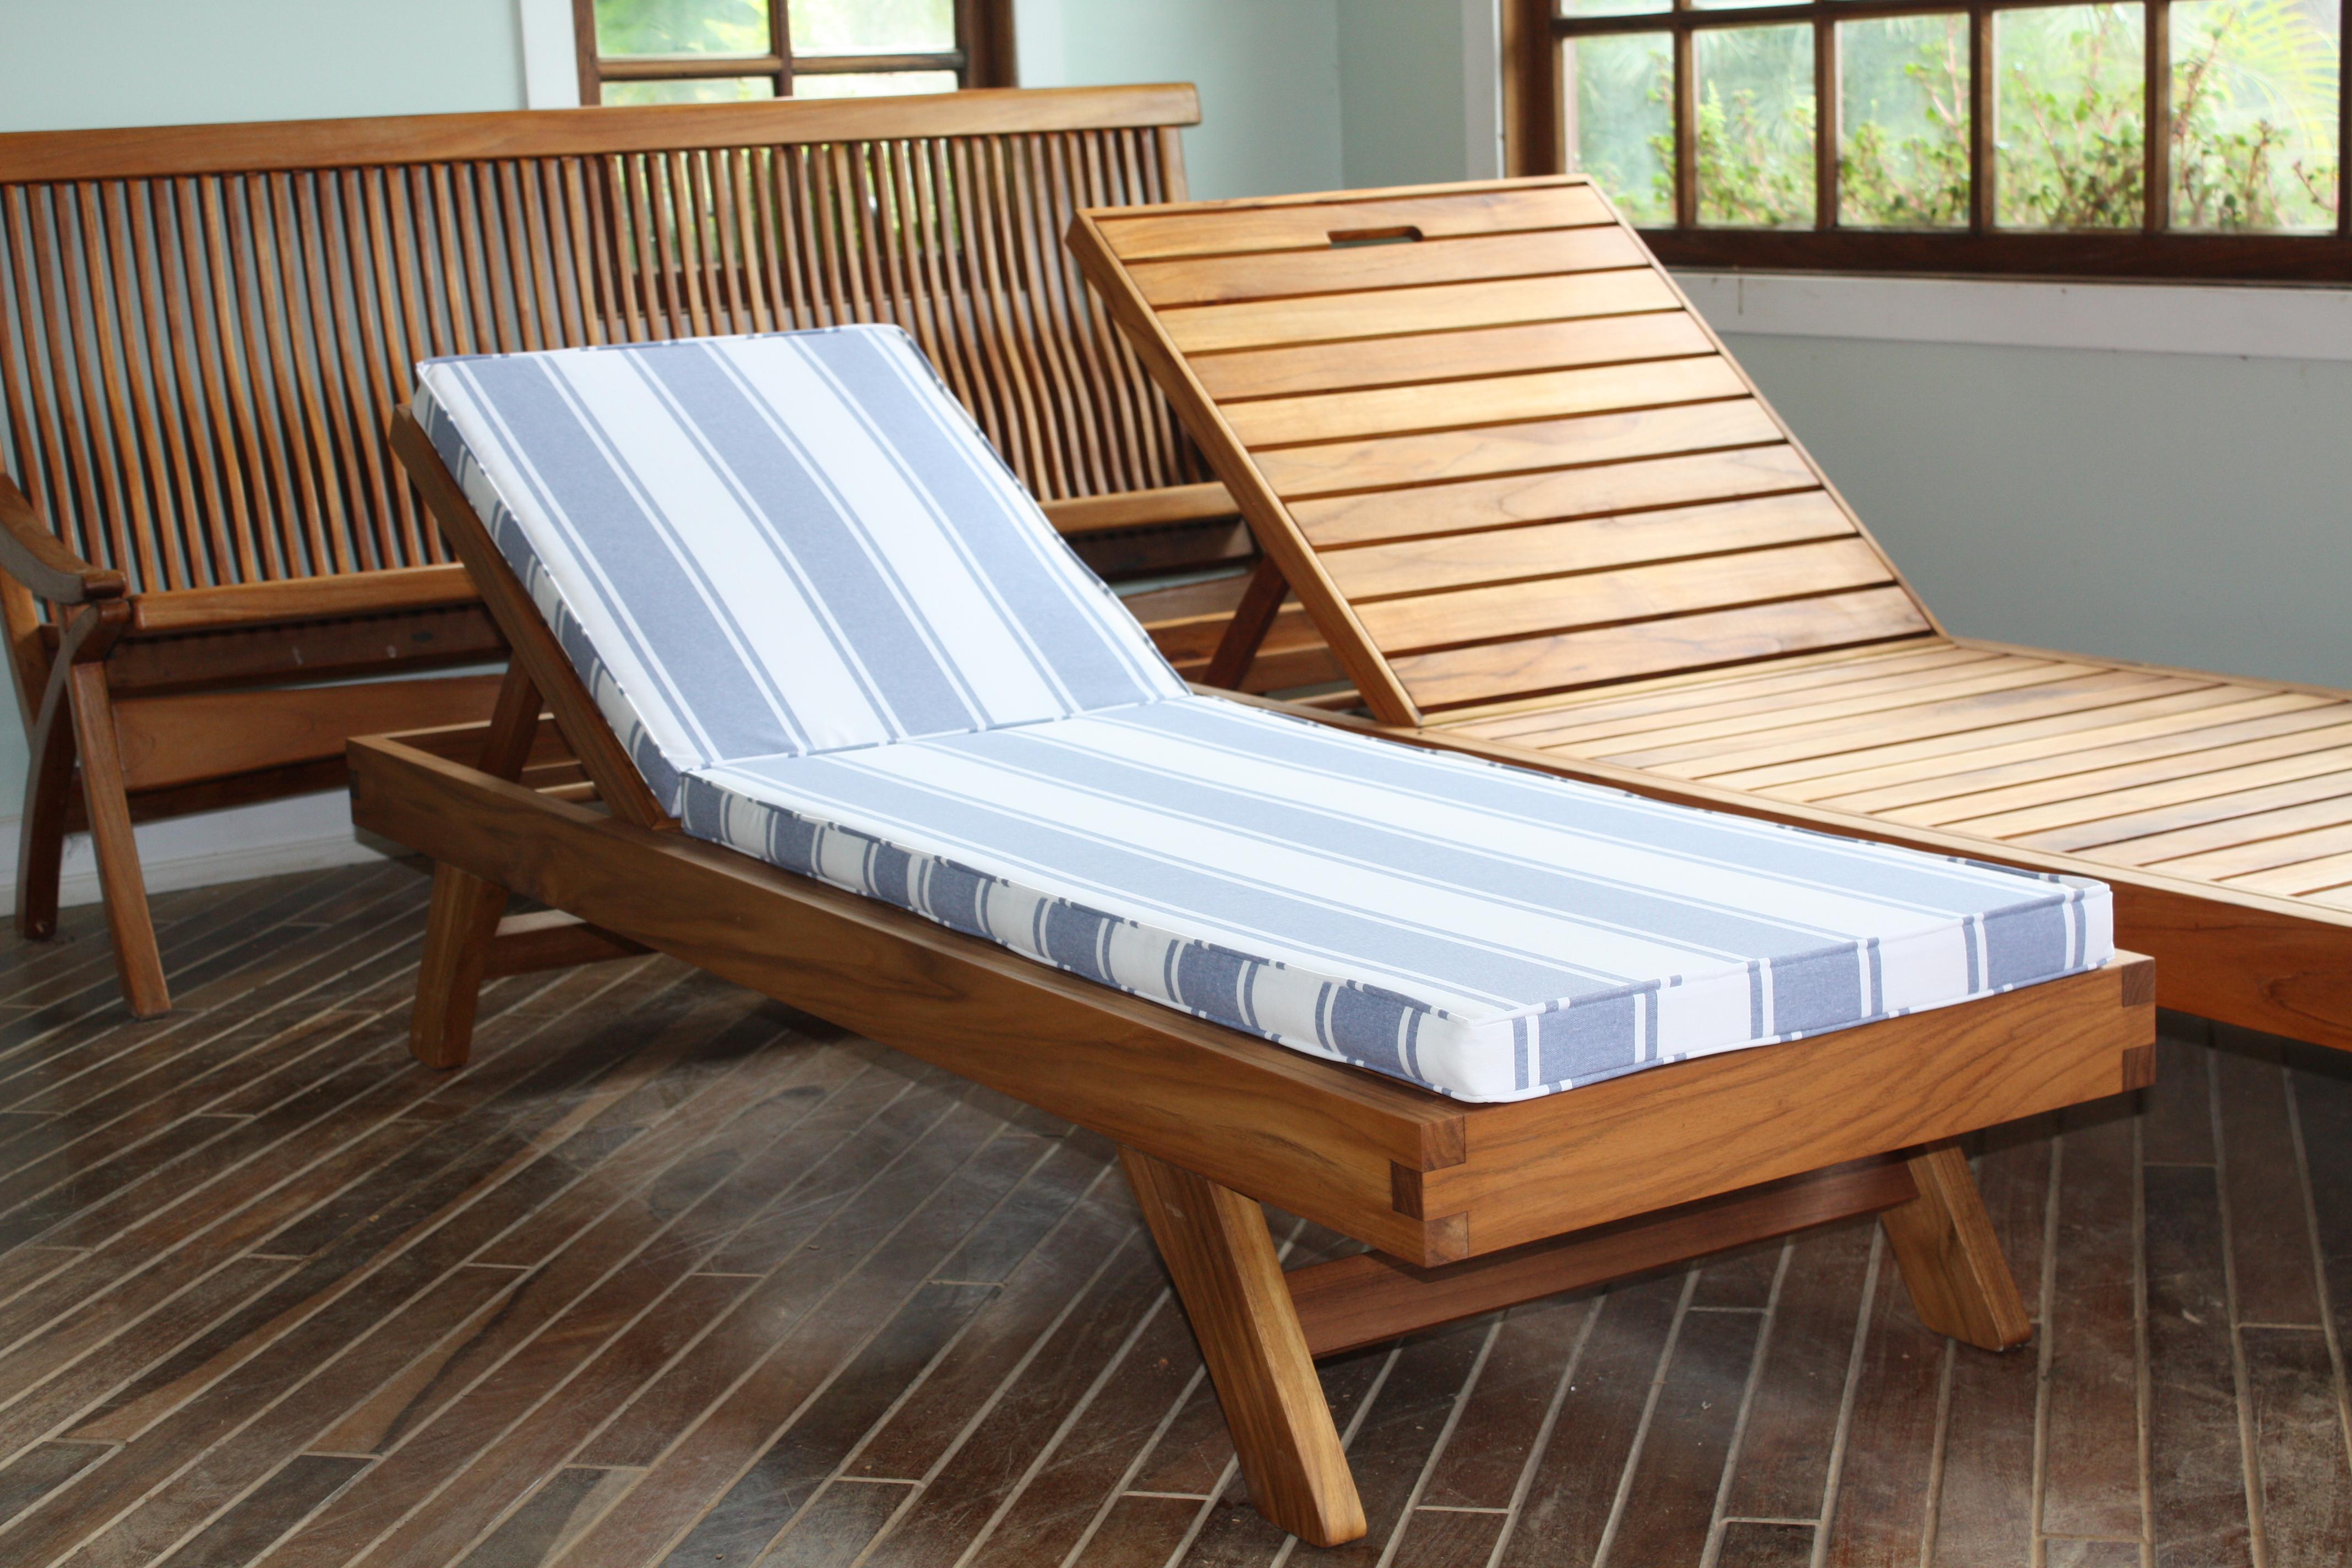 liege liegestuhl teakholz in k then sonstiges. Black Bedroom Furniture Sets. Home Design Ideas